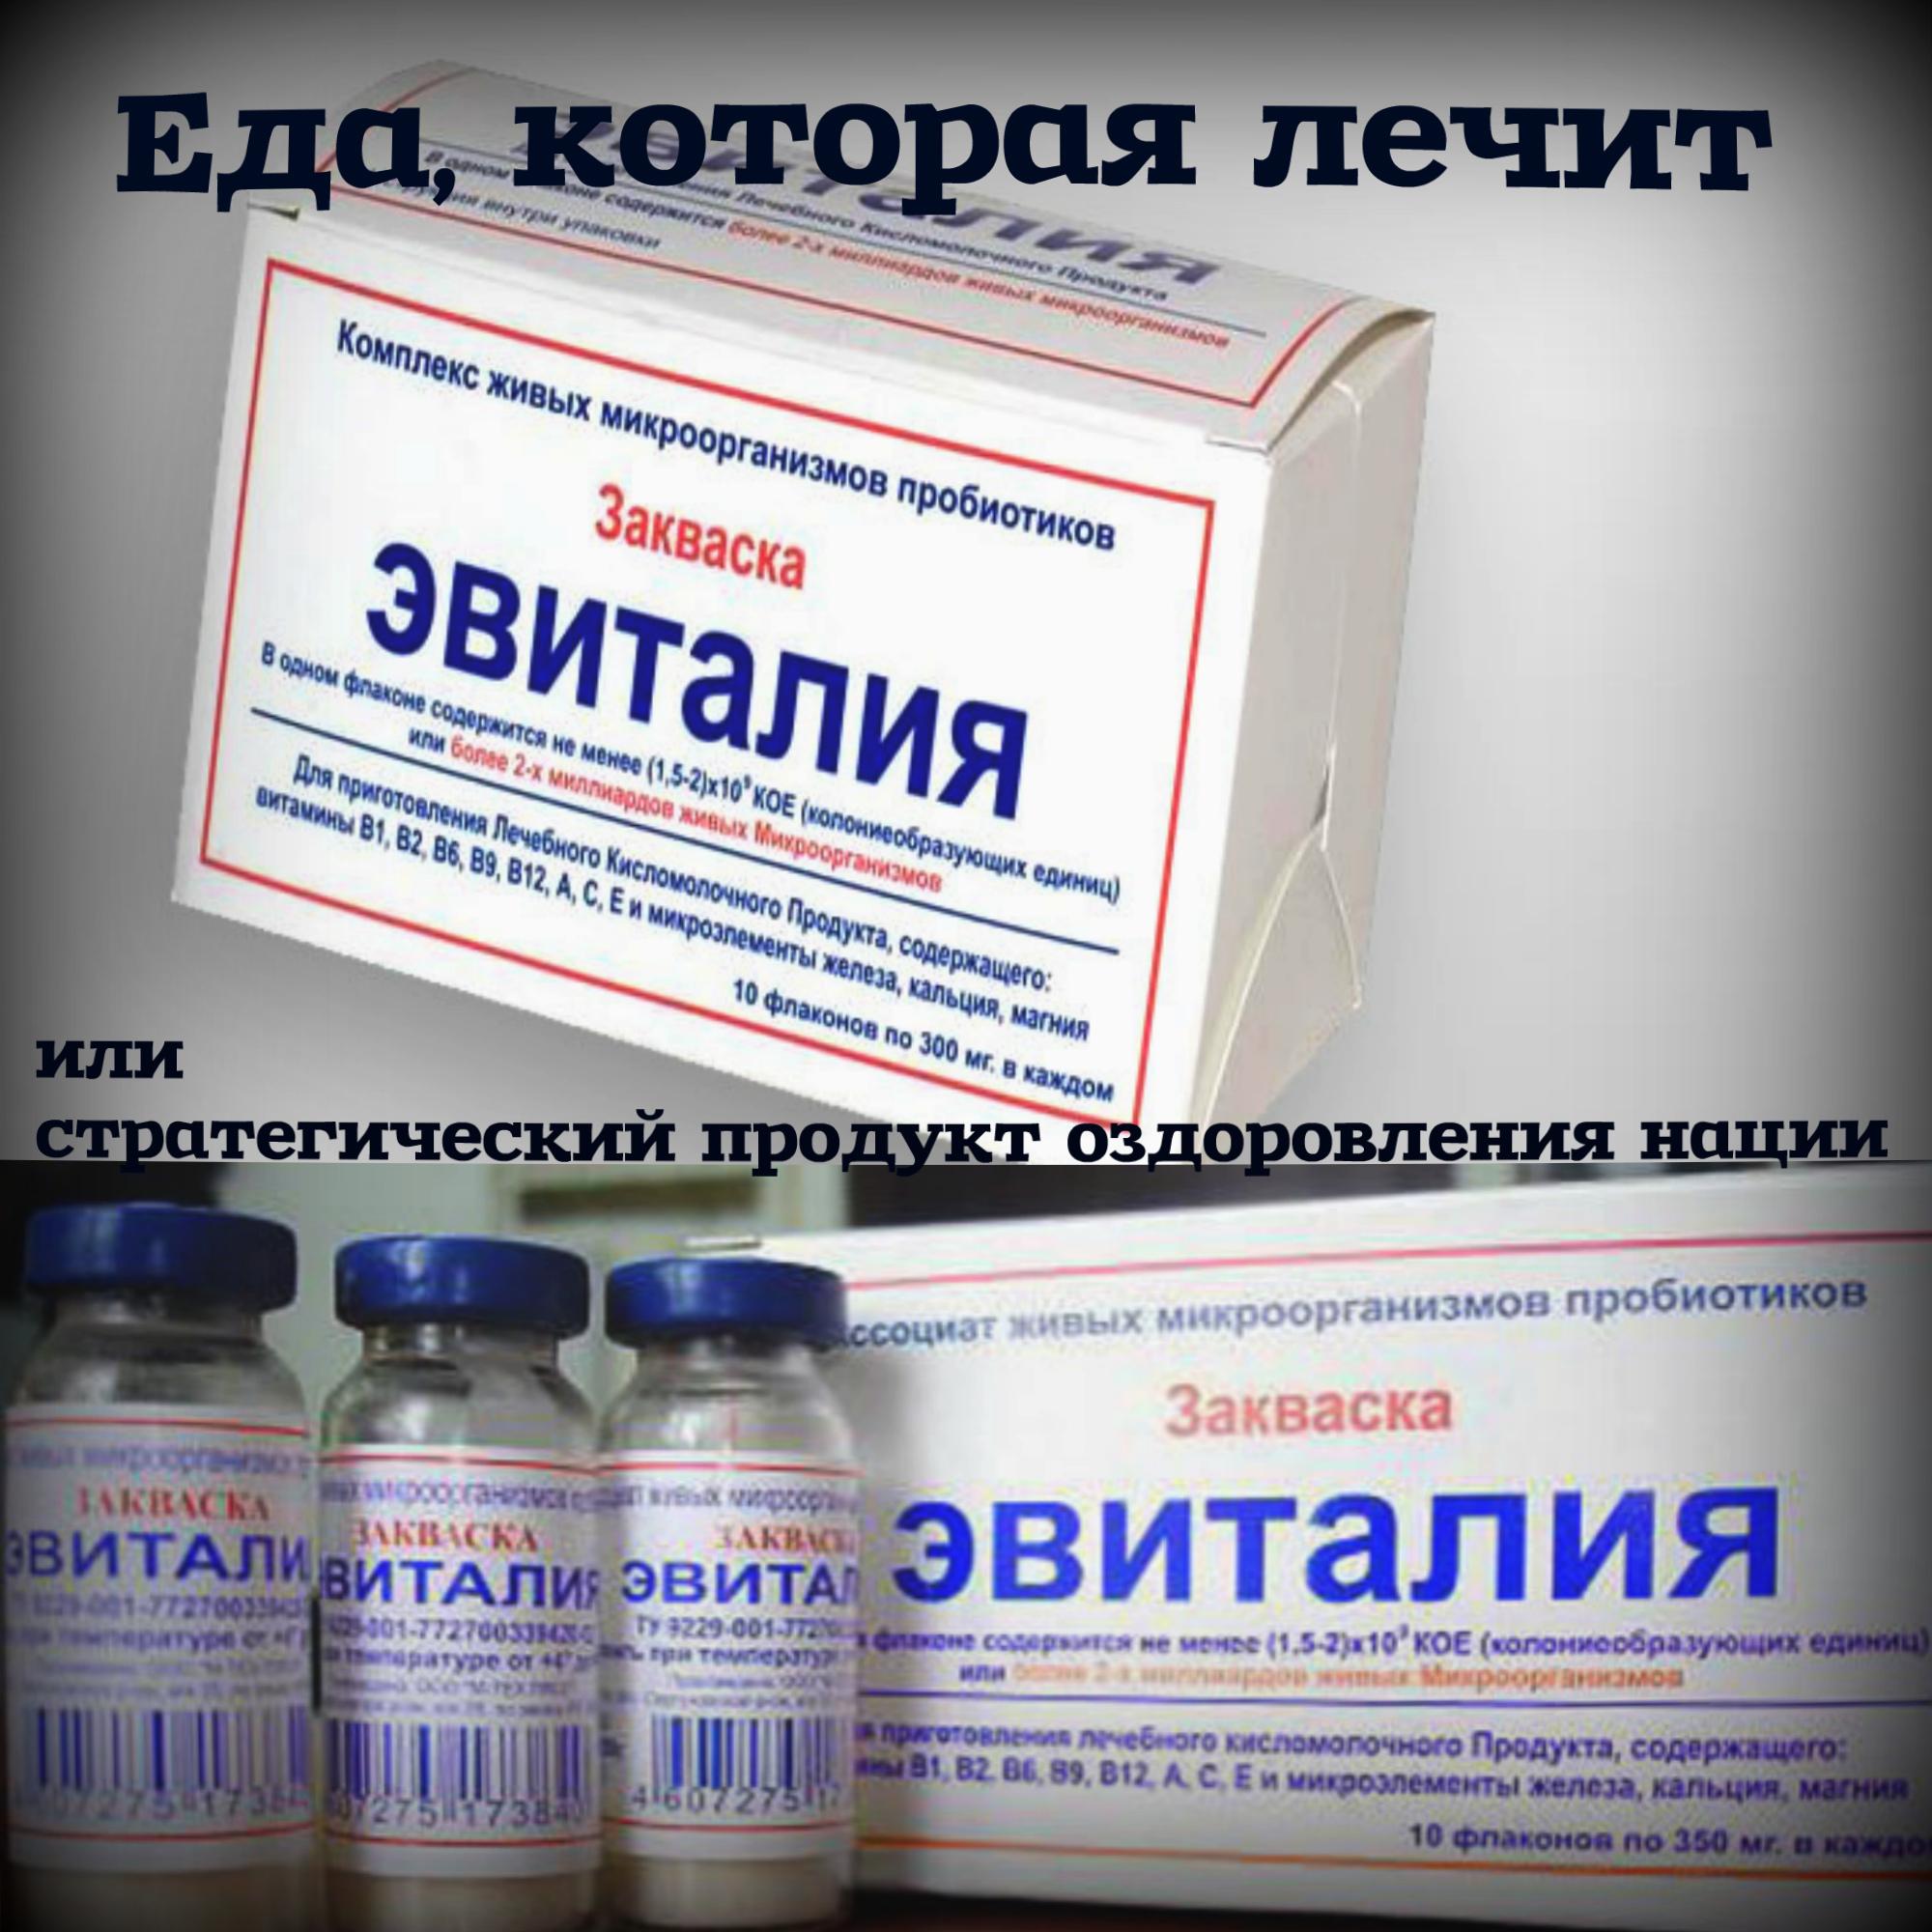 эвиталия